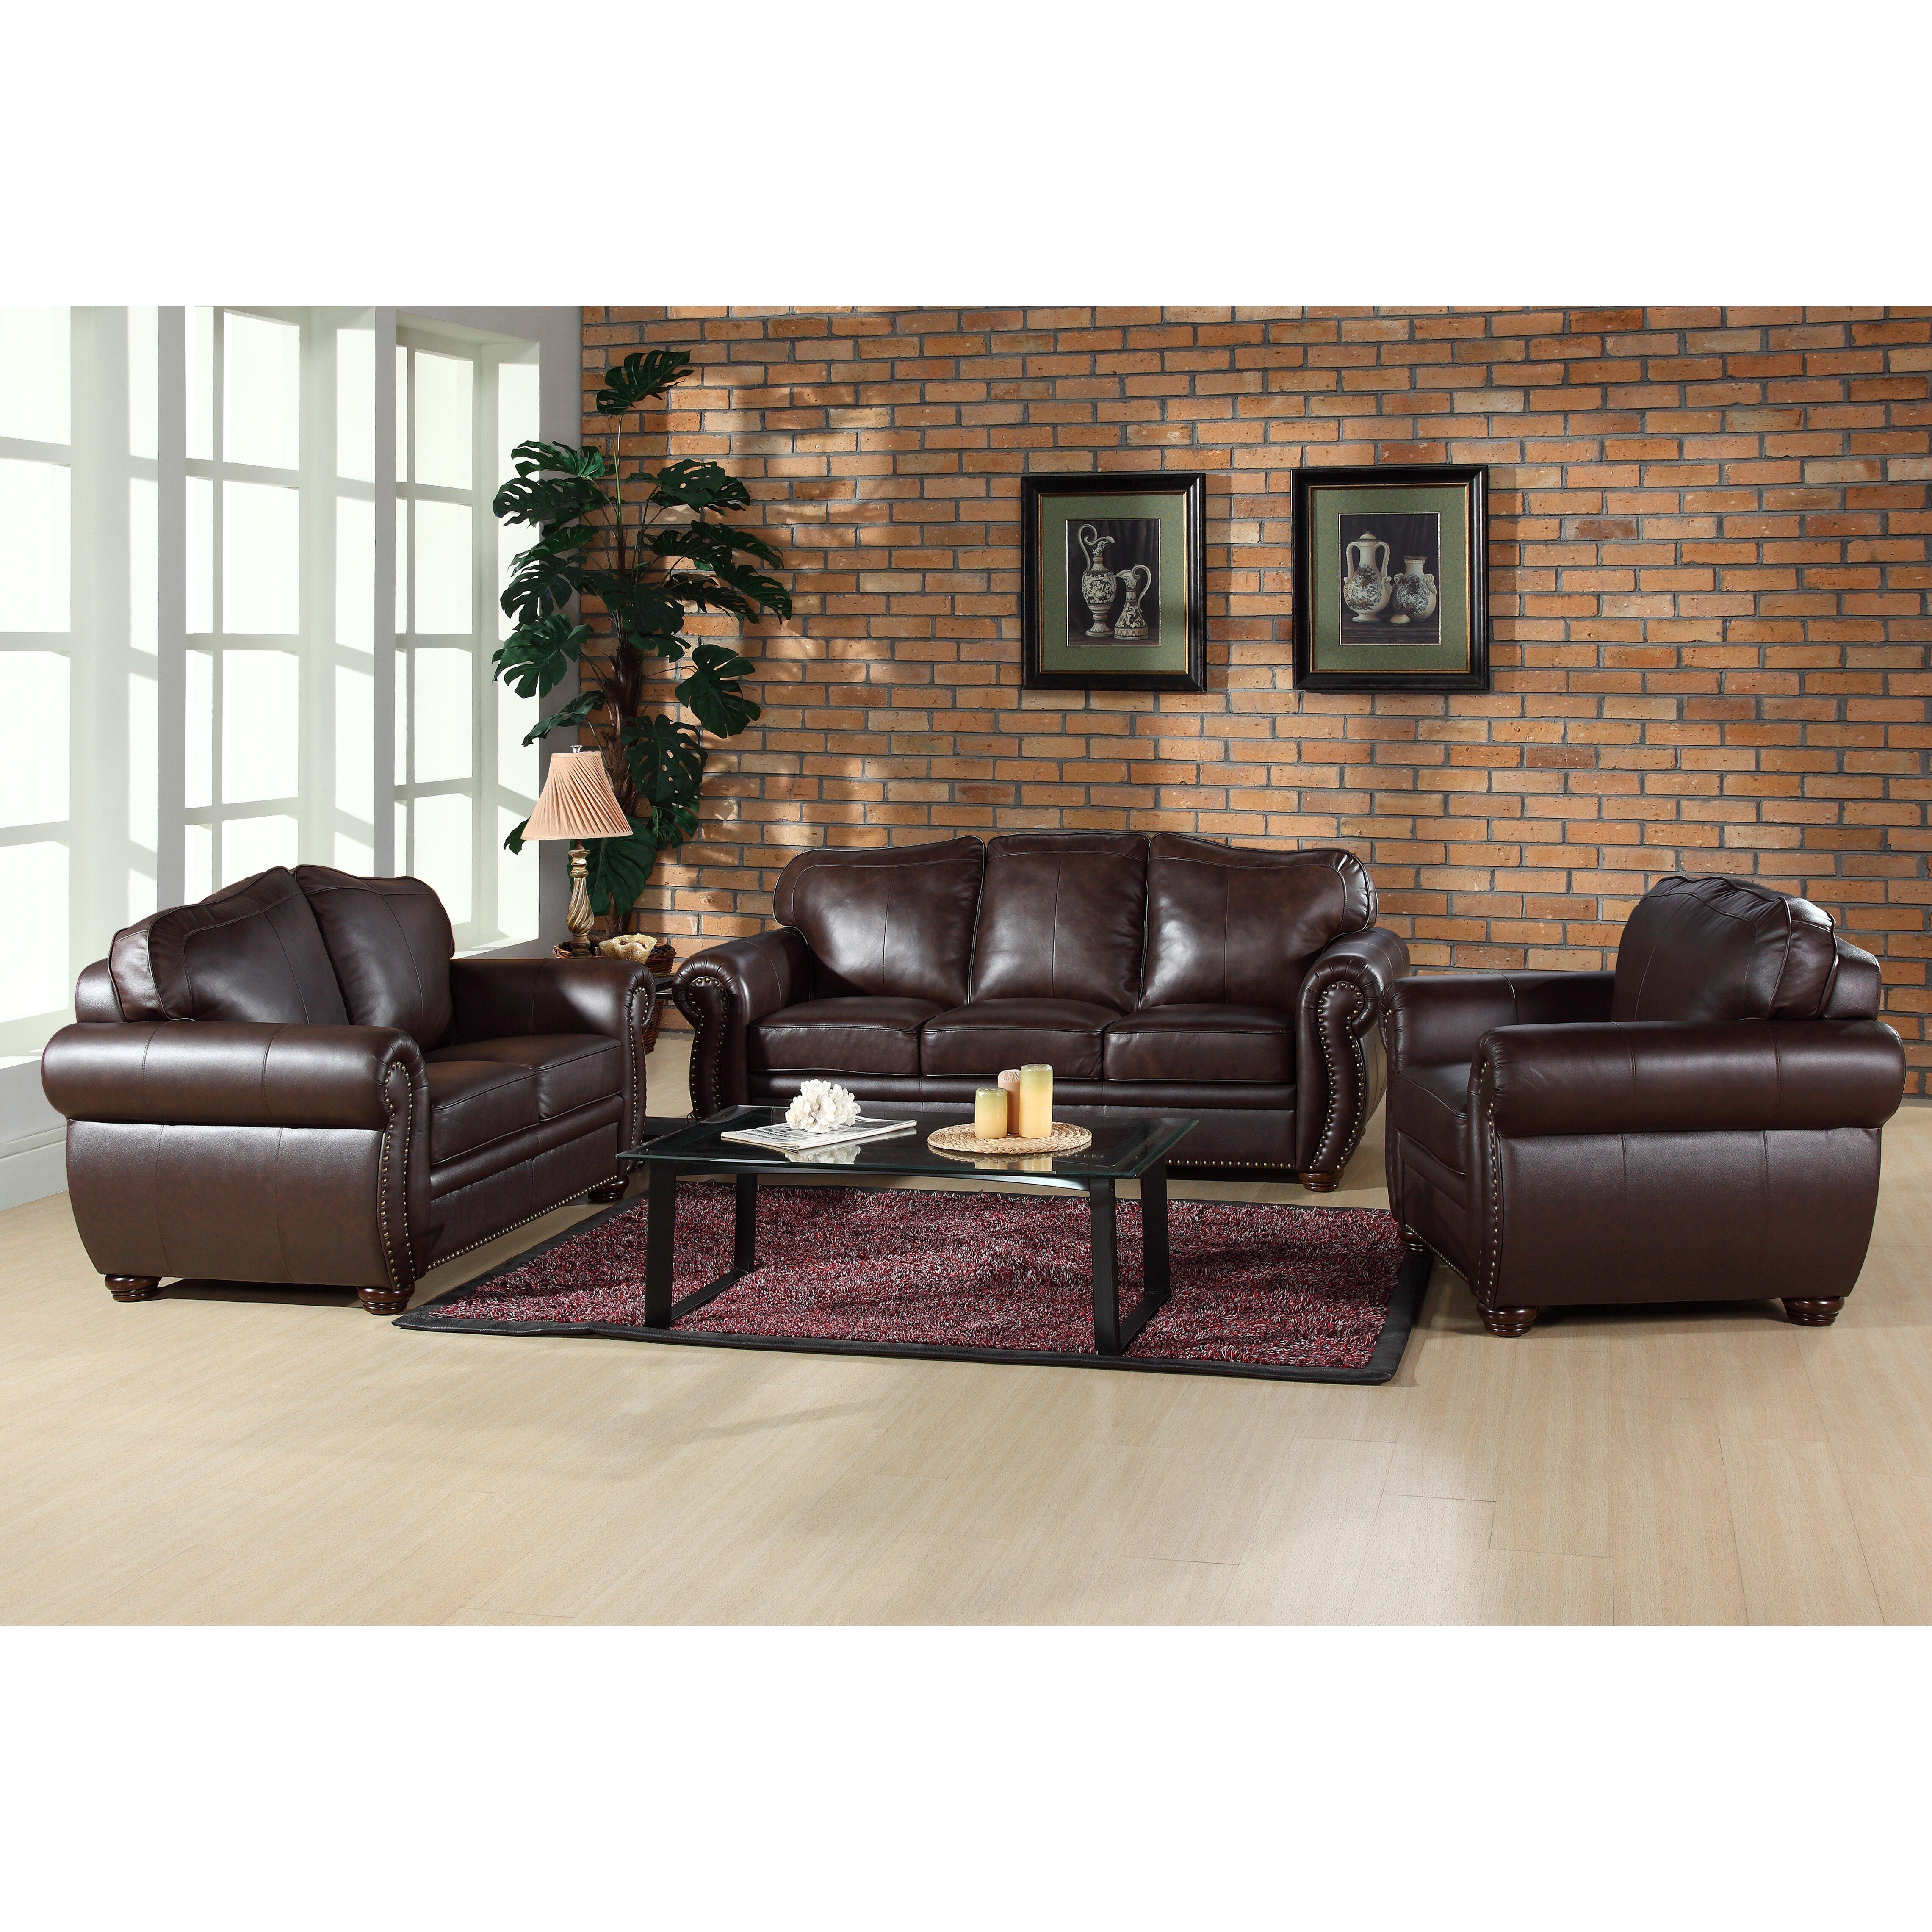 Astoria Grand Nassau Leather Sofa & Reviews